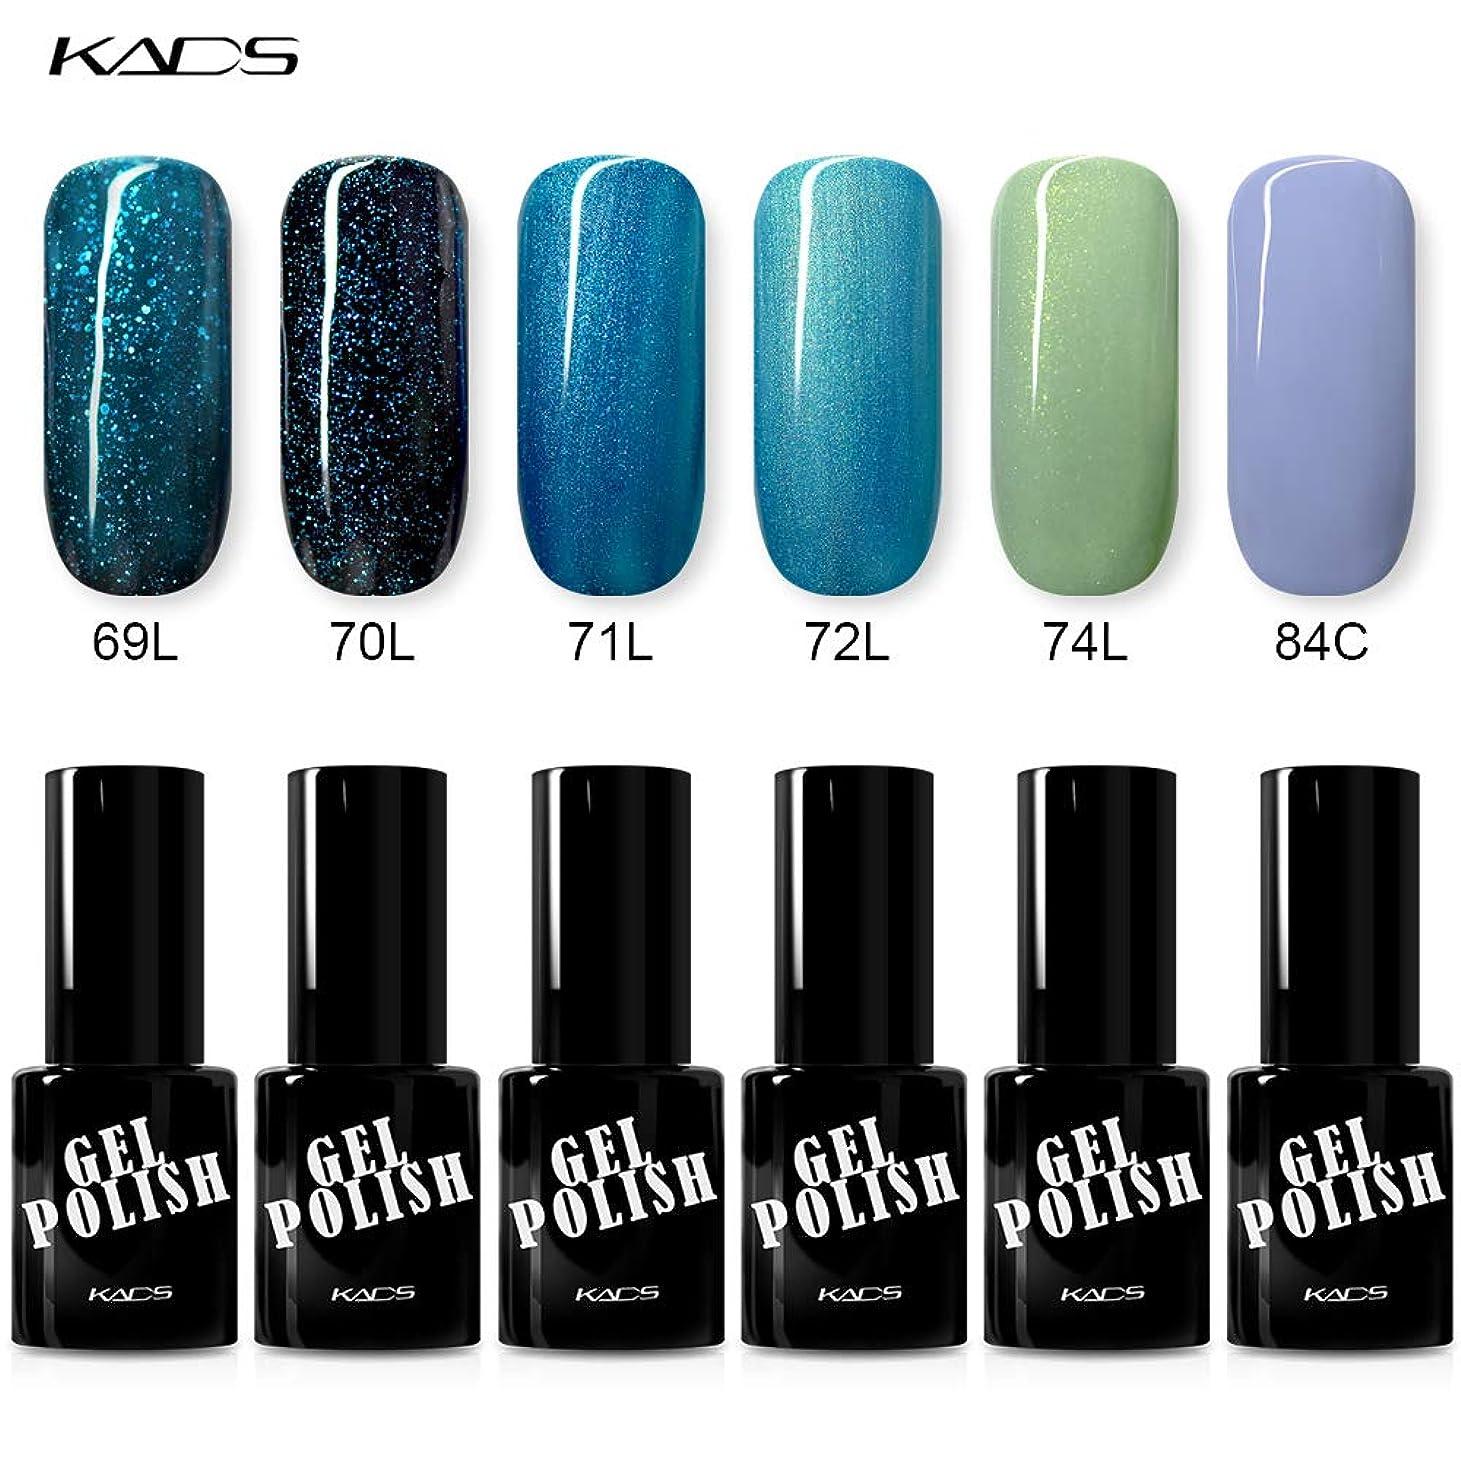 毎年恐れる膜KADS ネイルカラーポリッシュ ラメ入りジェル 6色セット グリーン?ブルー系 キラキラ目 UV?LED対応